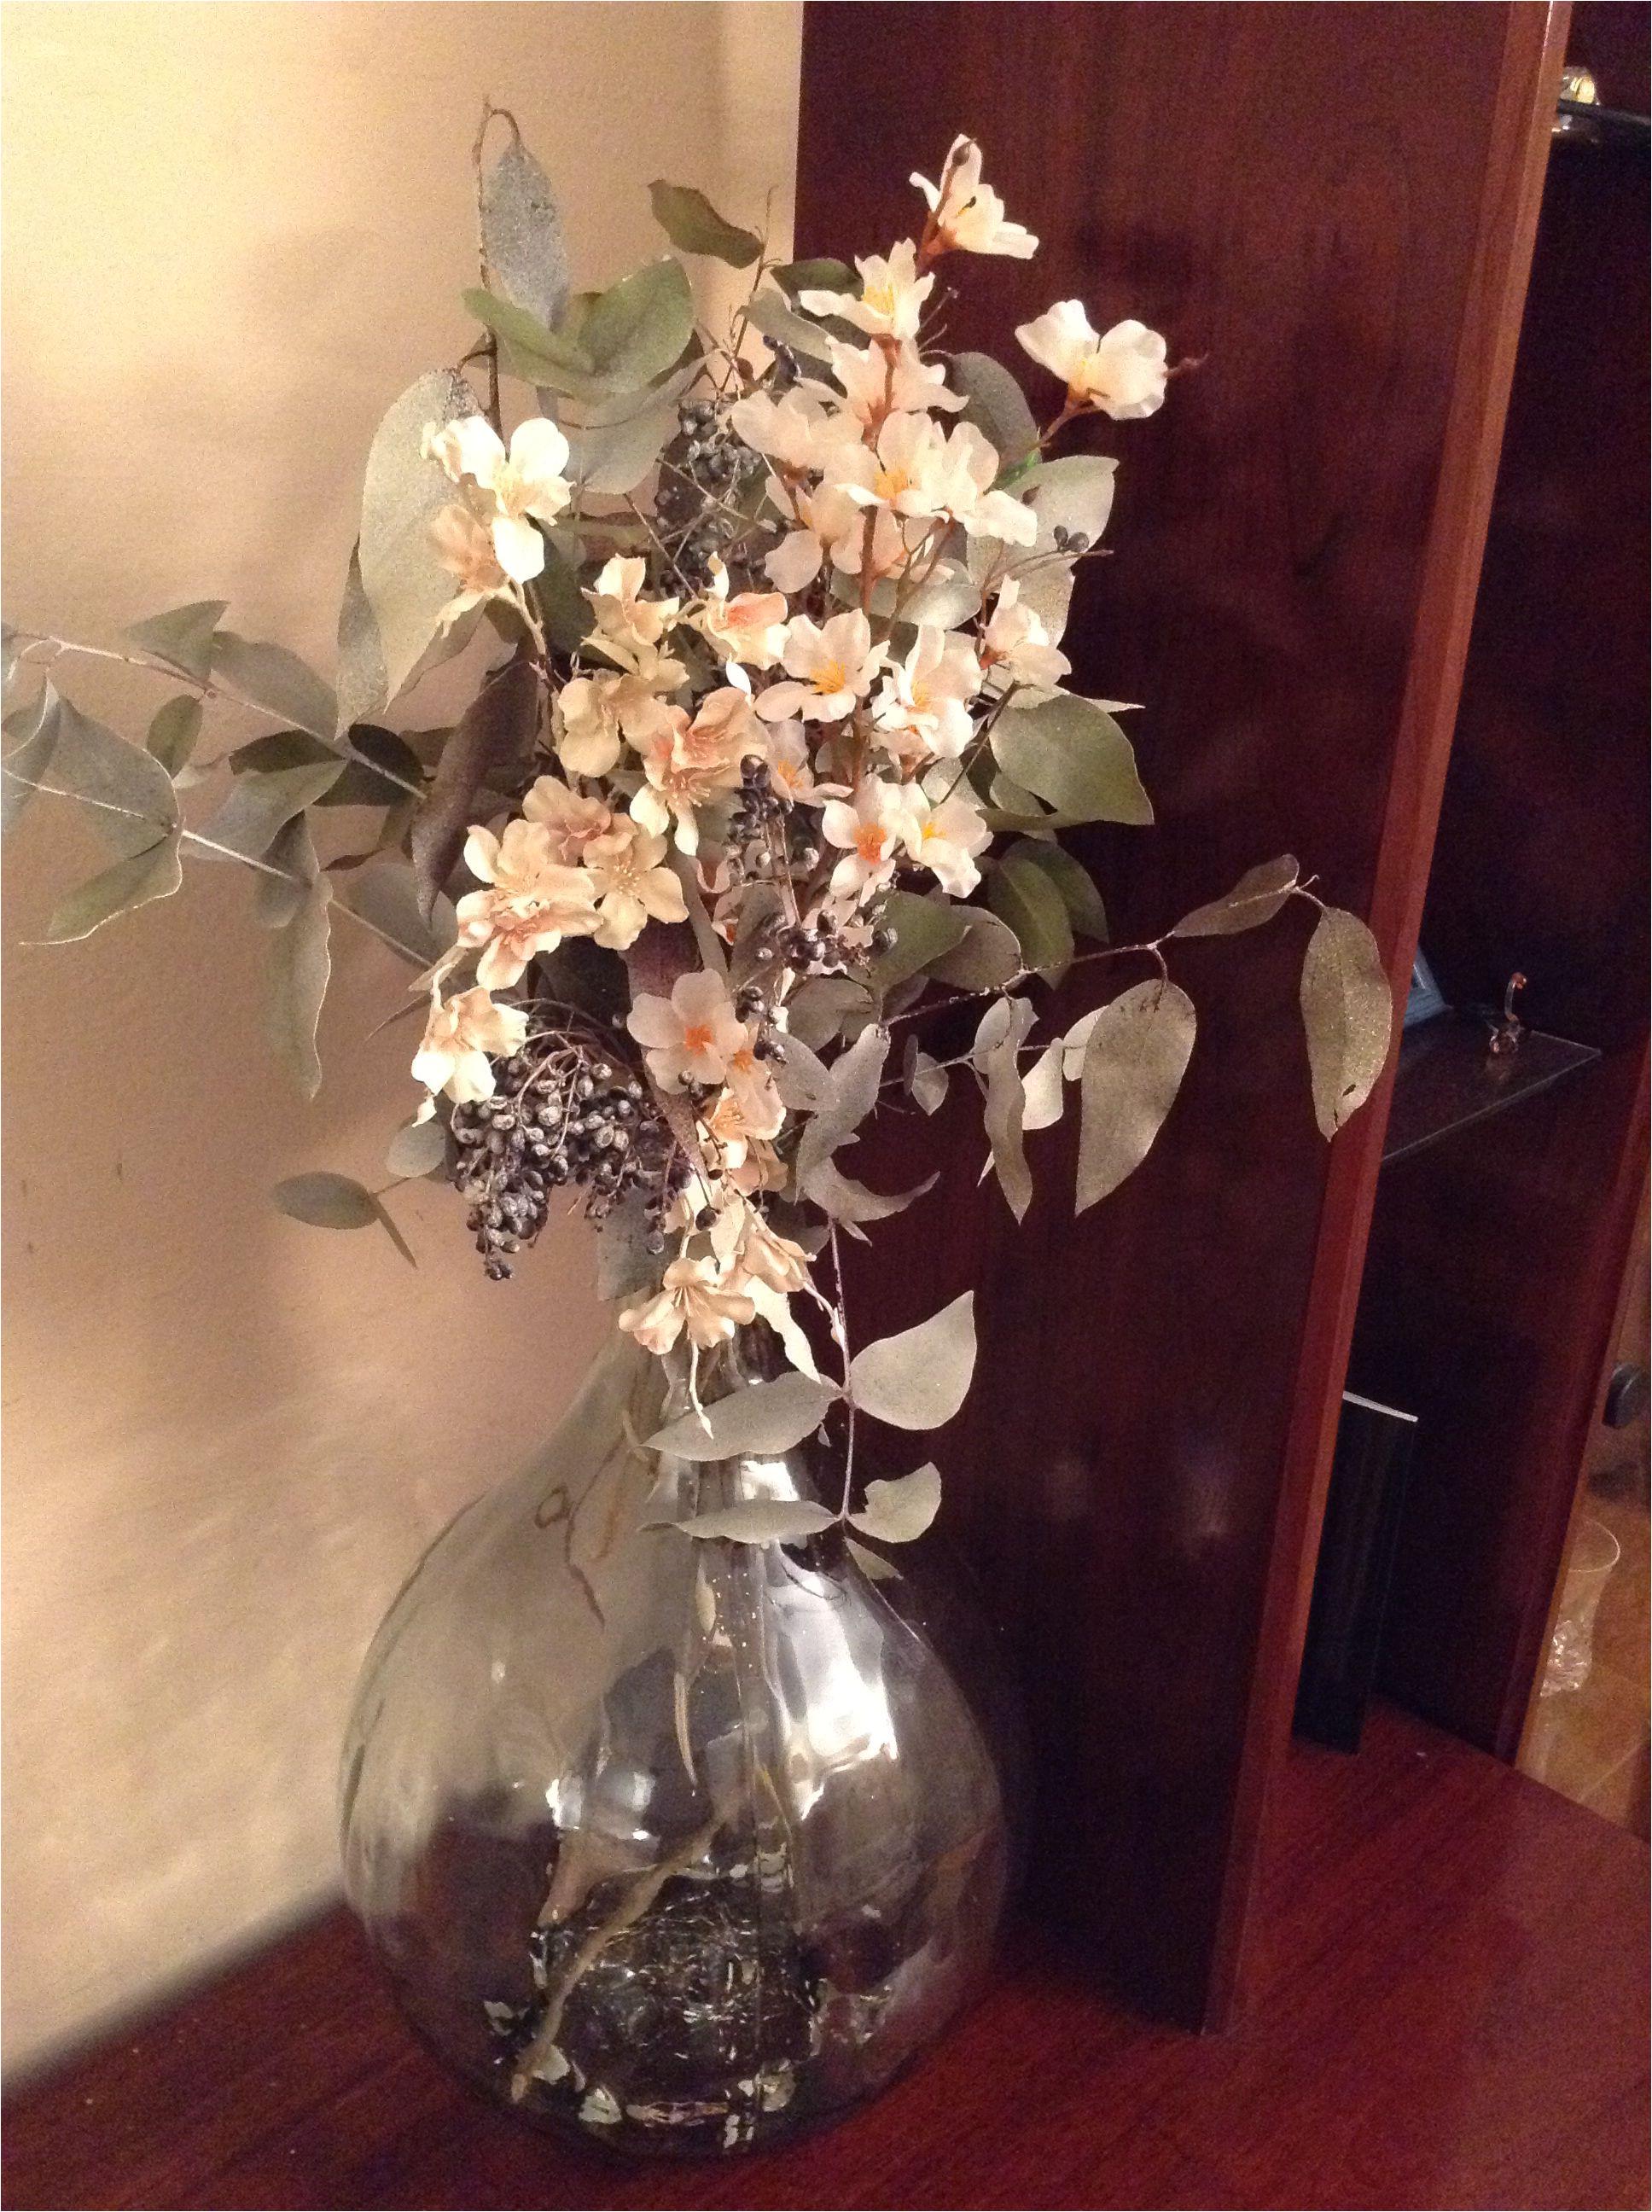 flores secas y flores artificiales